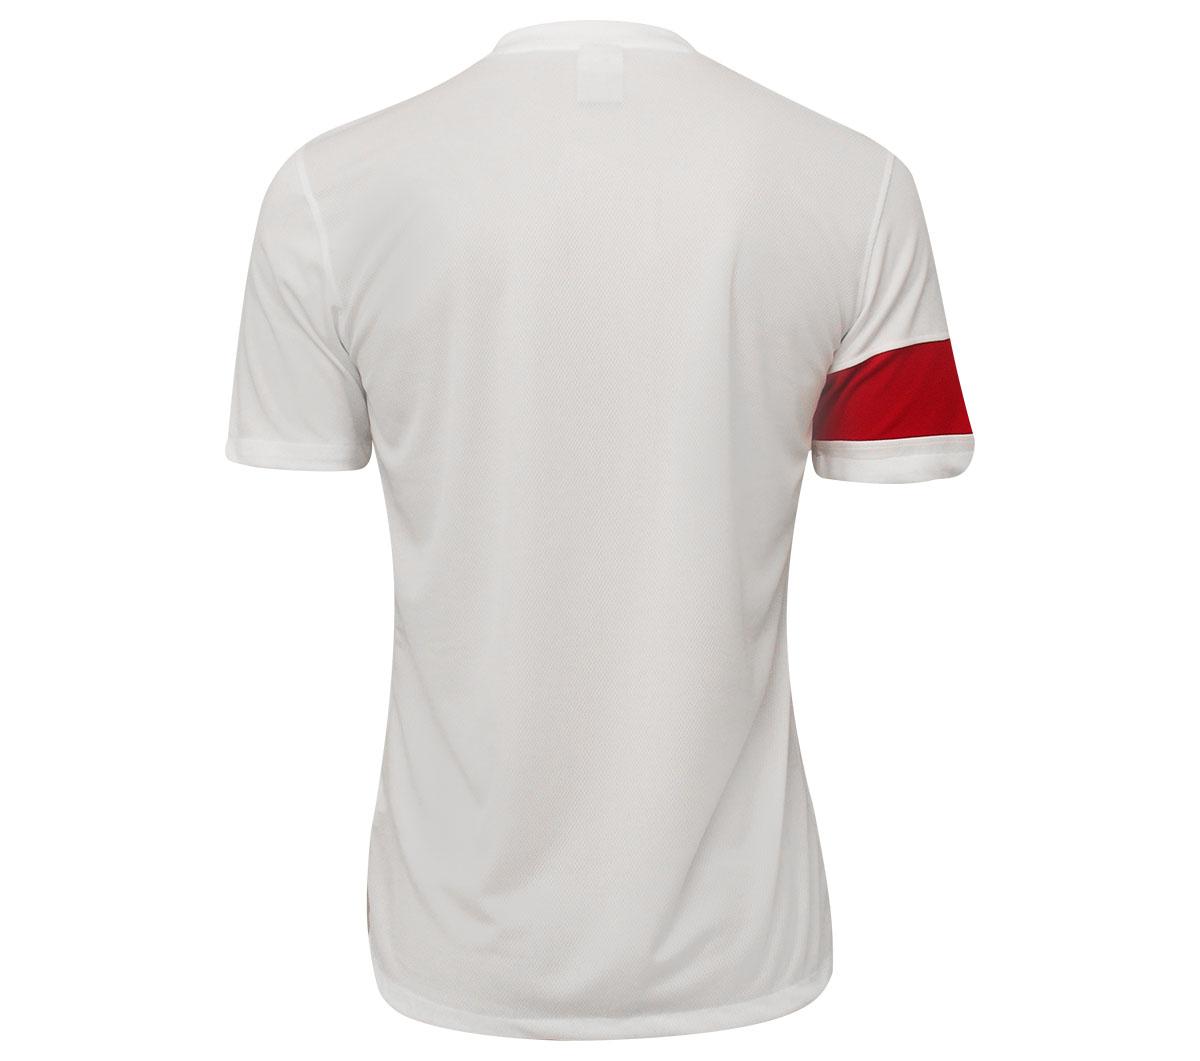 Camisa Nike SS Striker III Branca e Vermelha - Mundo do Futebol 98b4d567a4ccb